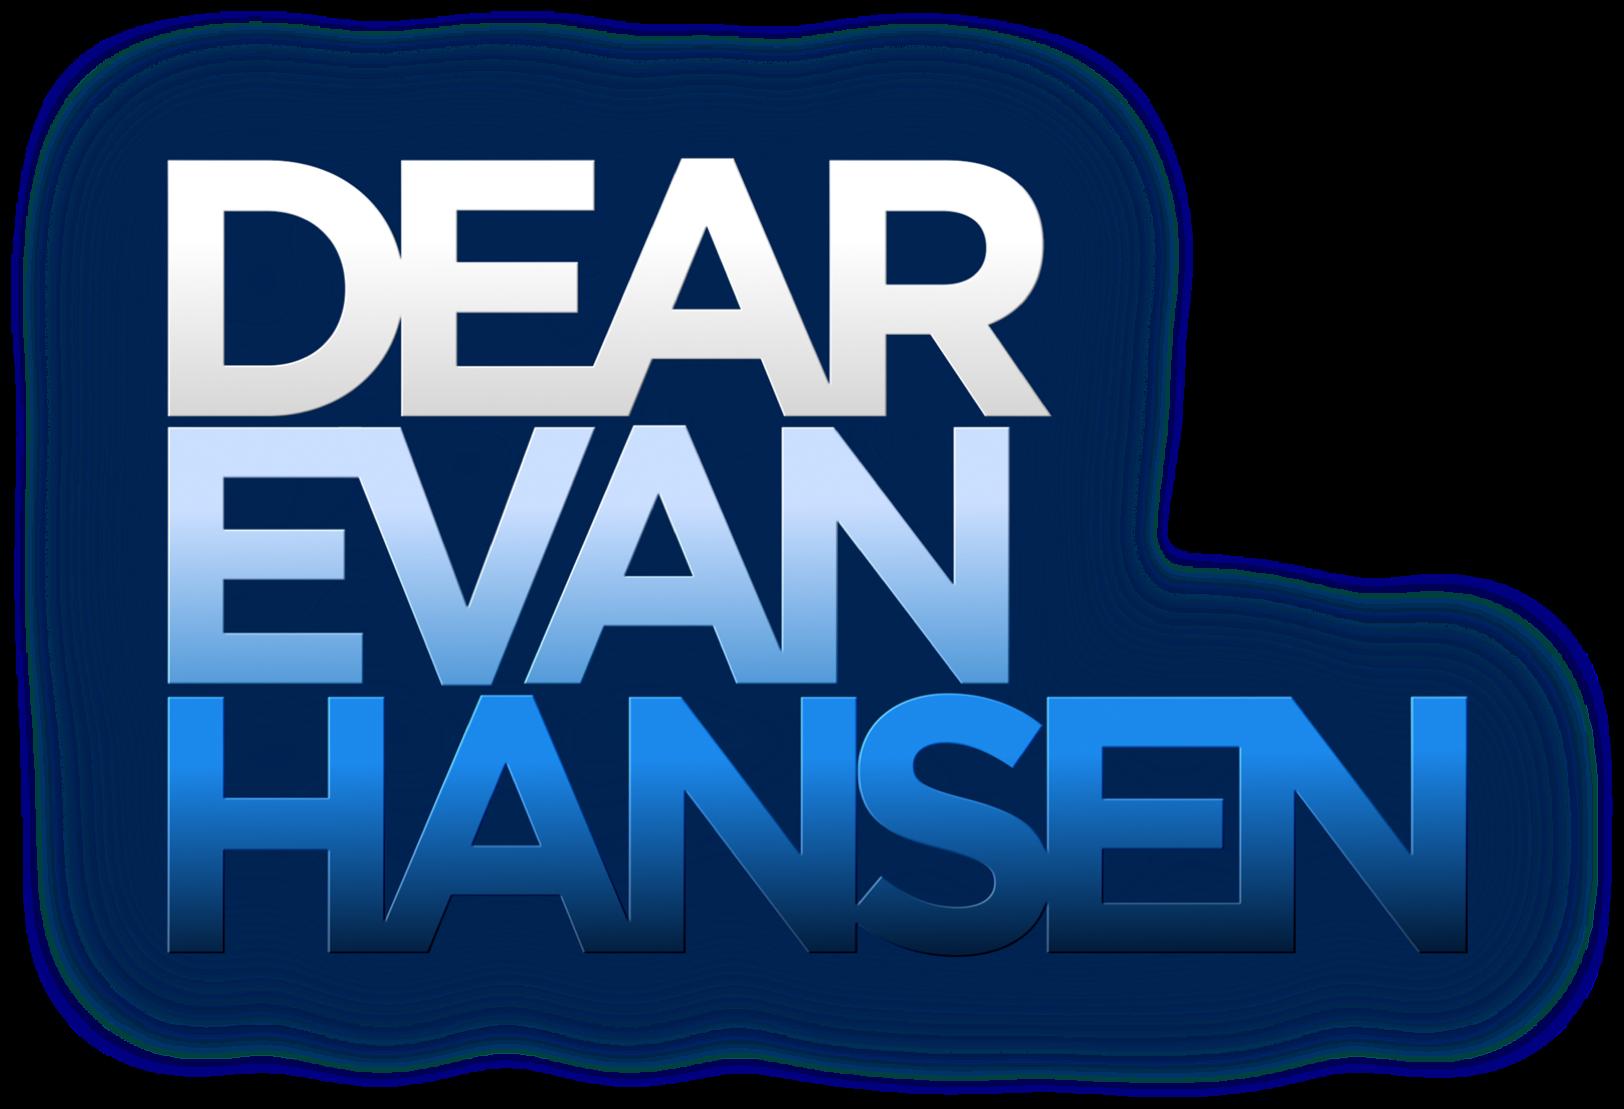 Dear Evan Hansen Resources   About the Film   August 11 2021